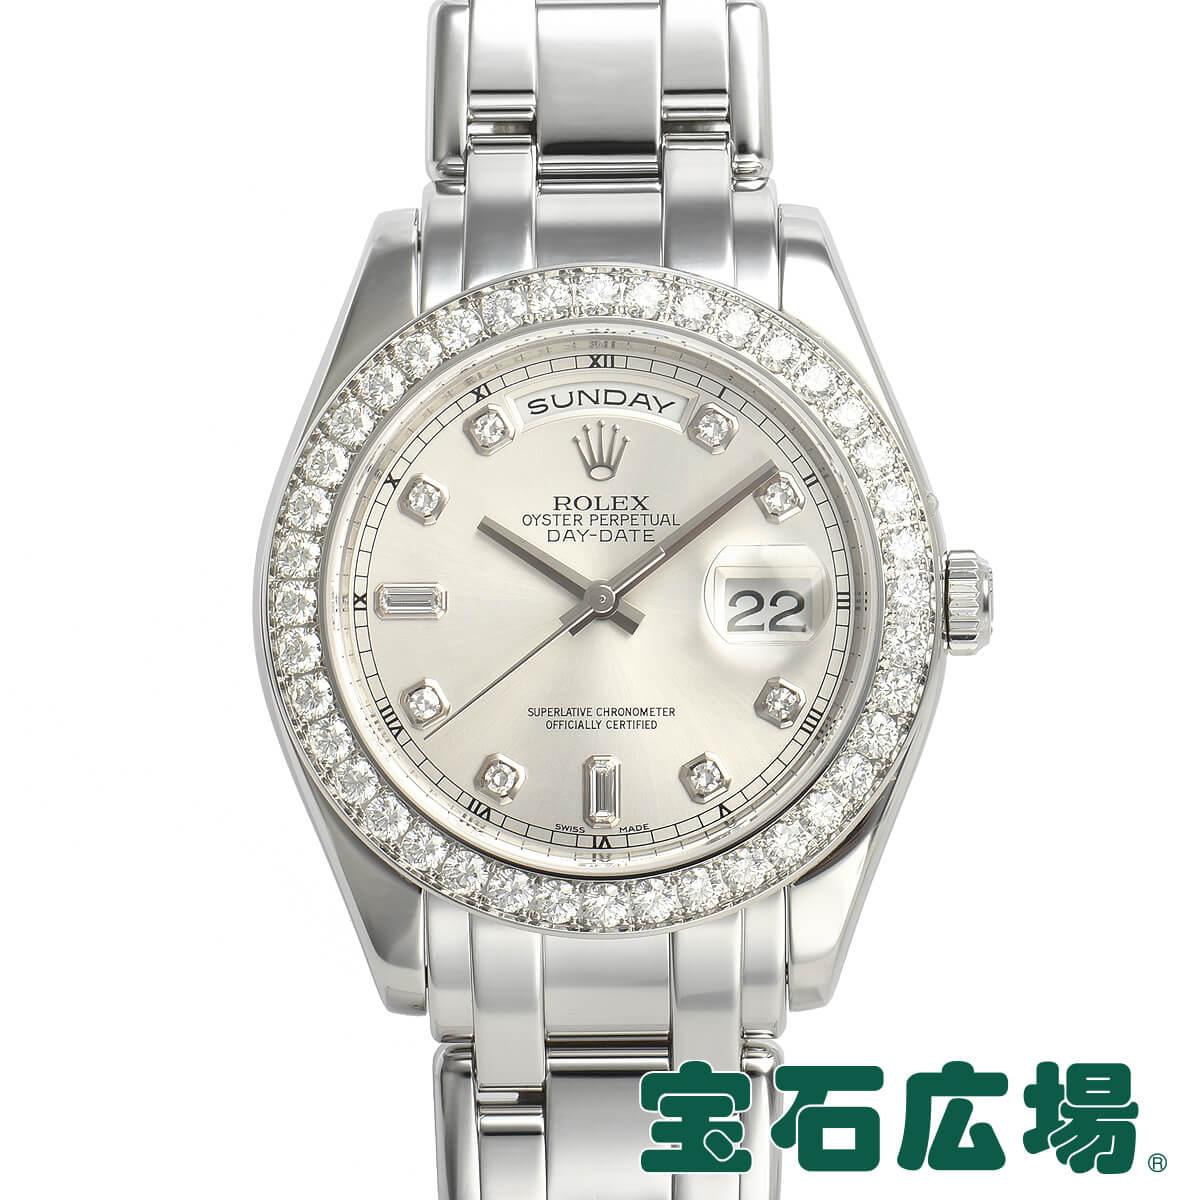 ロレックス ROLEX デイデイト 18946A【中古】メンズ 腕時計 送料無料